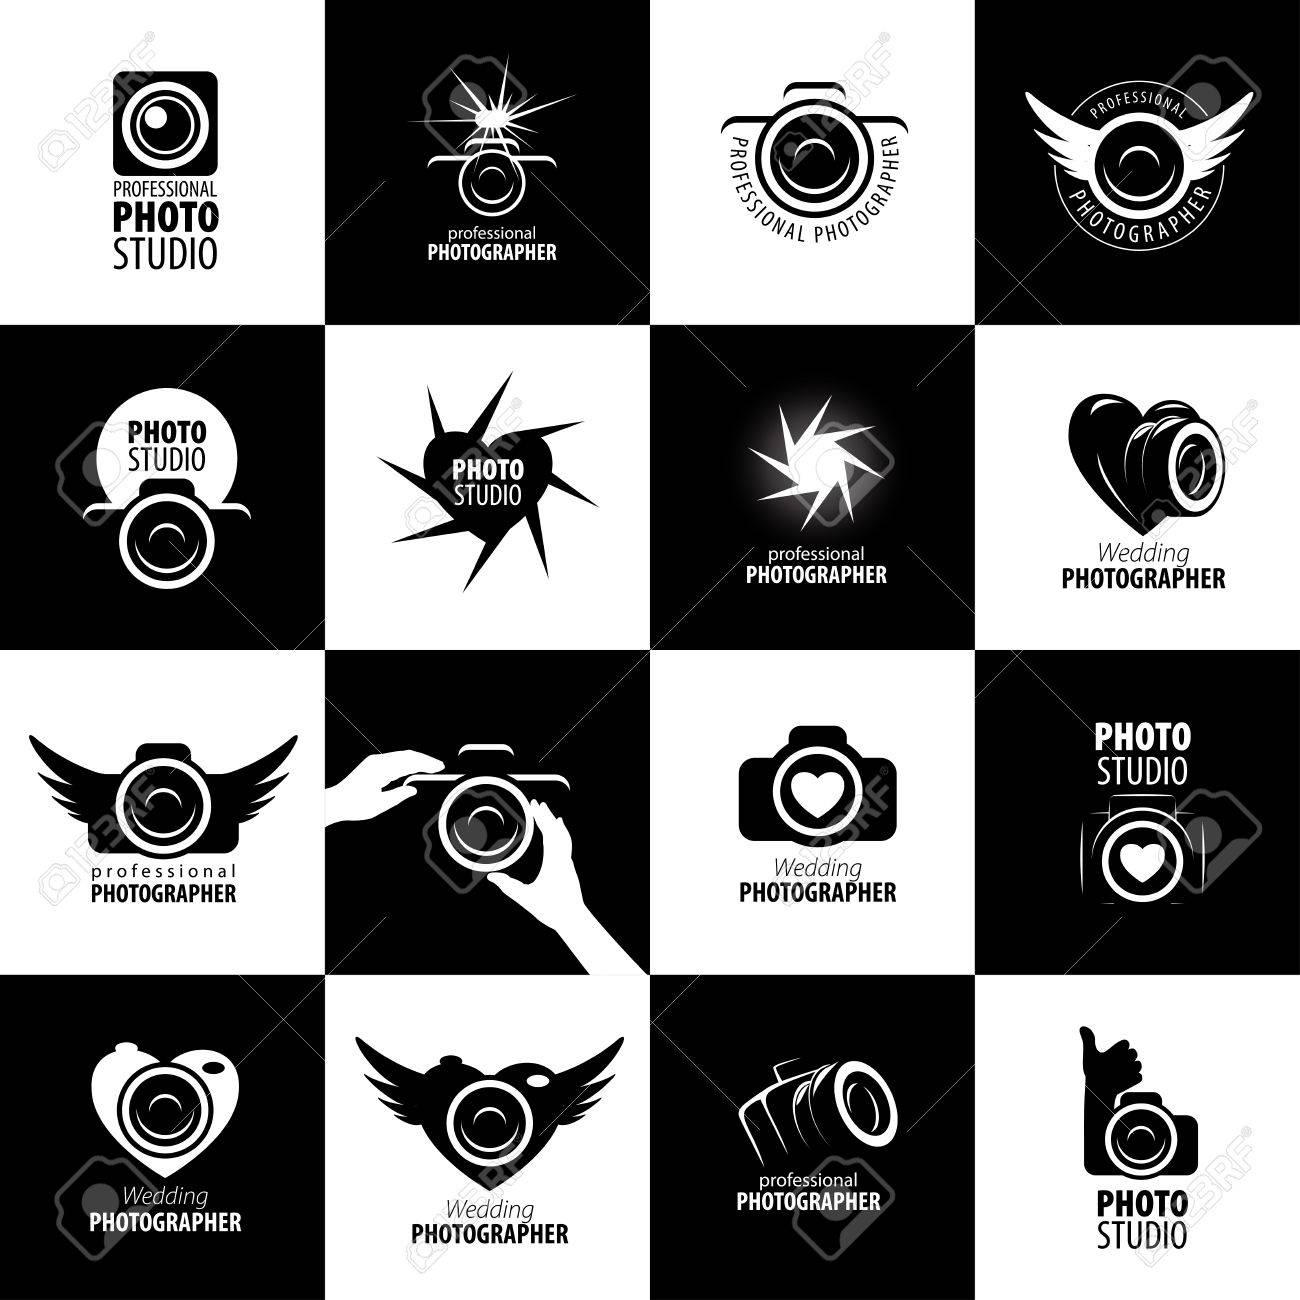 Vector logo template for a photographer or studio - 54523952